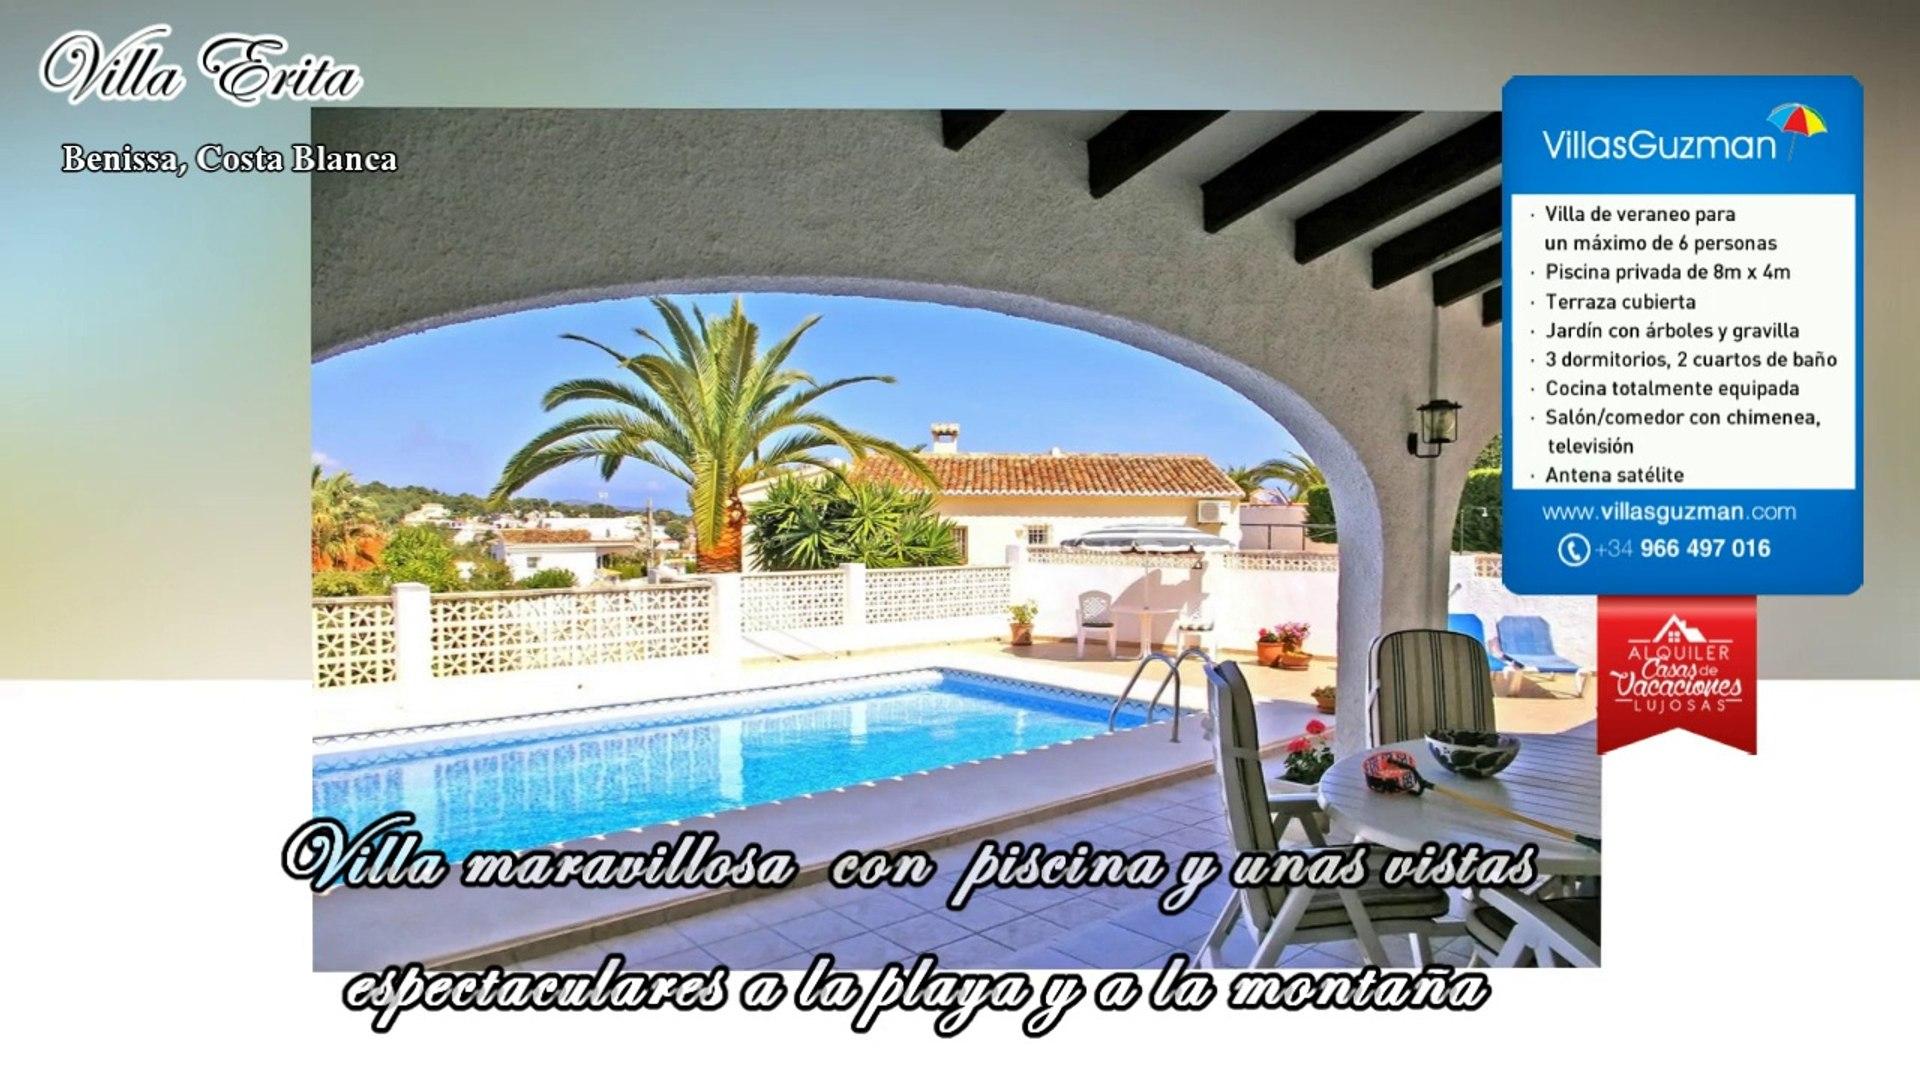 Alquiler Villas Benissa Costa Blanca Villa Erita